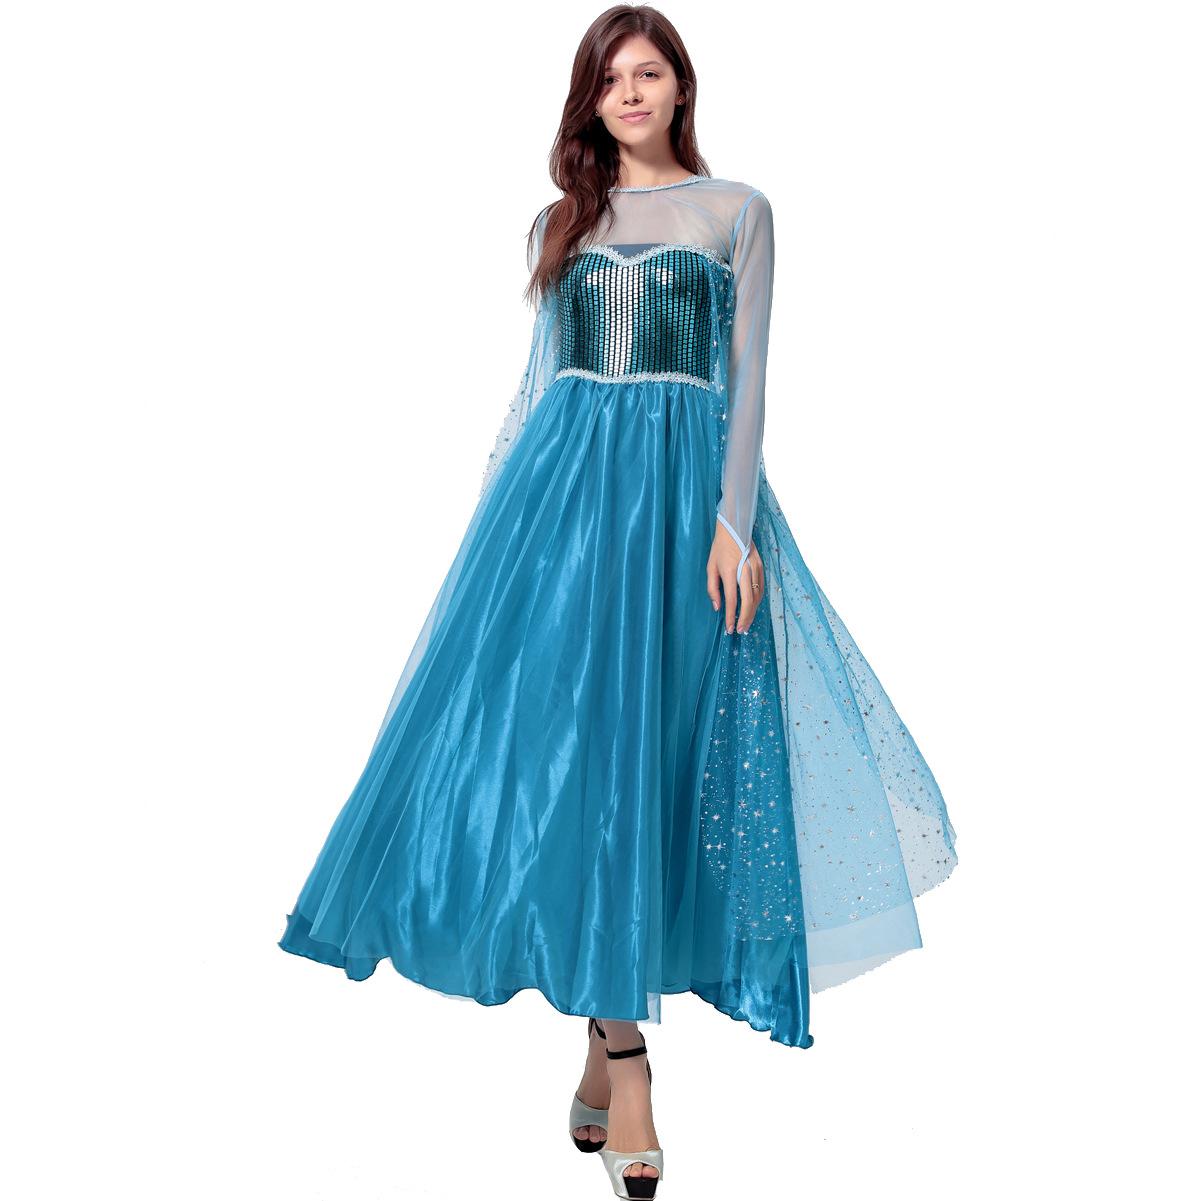 灰姑娘冰雪奇缘公主裙成人女cos童话故事性感游戏制服万圣节服装